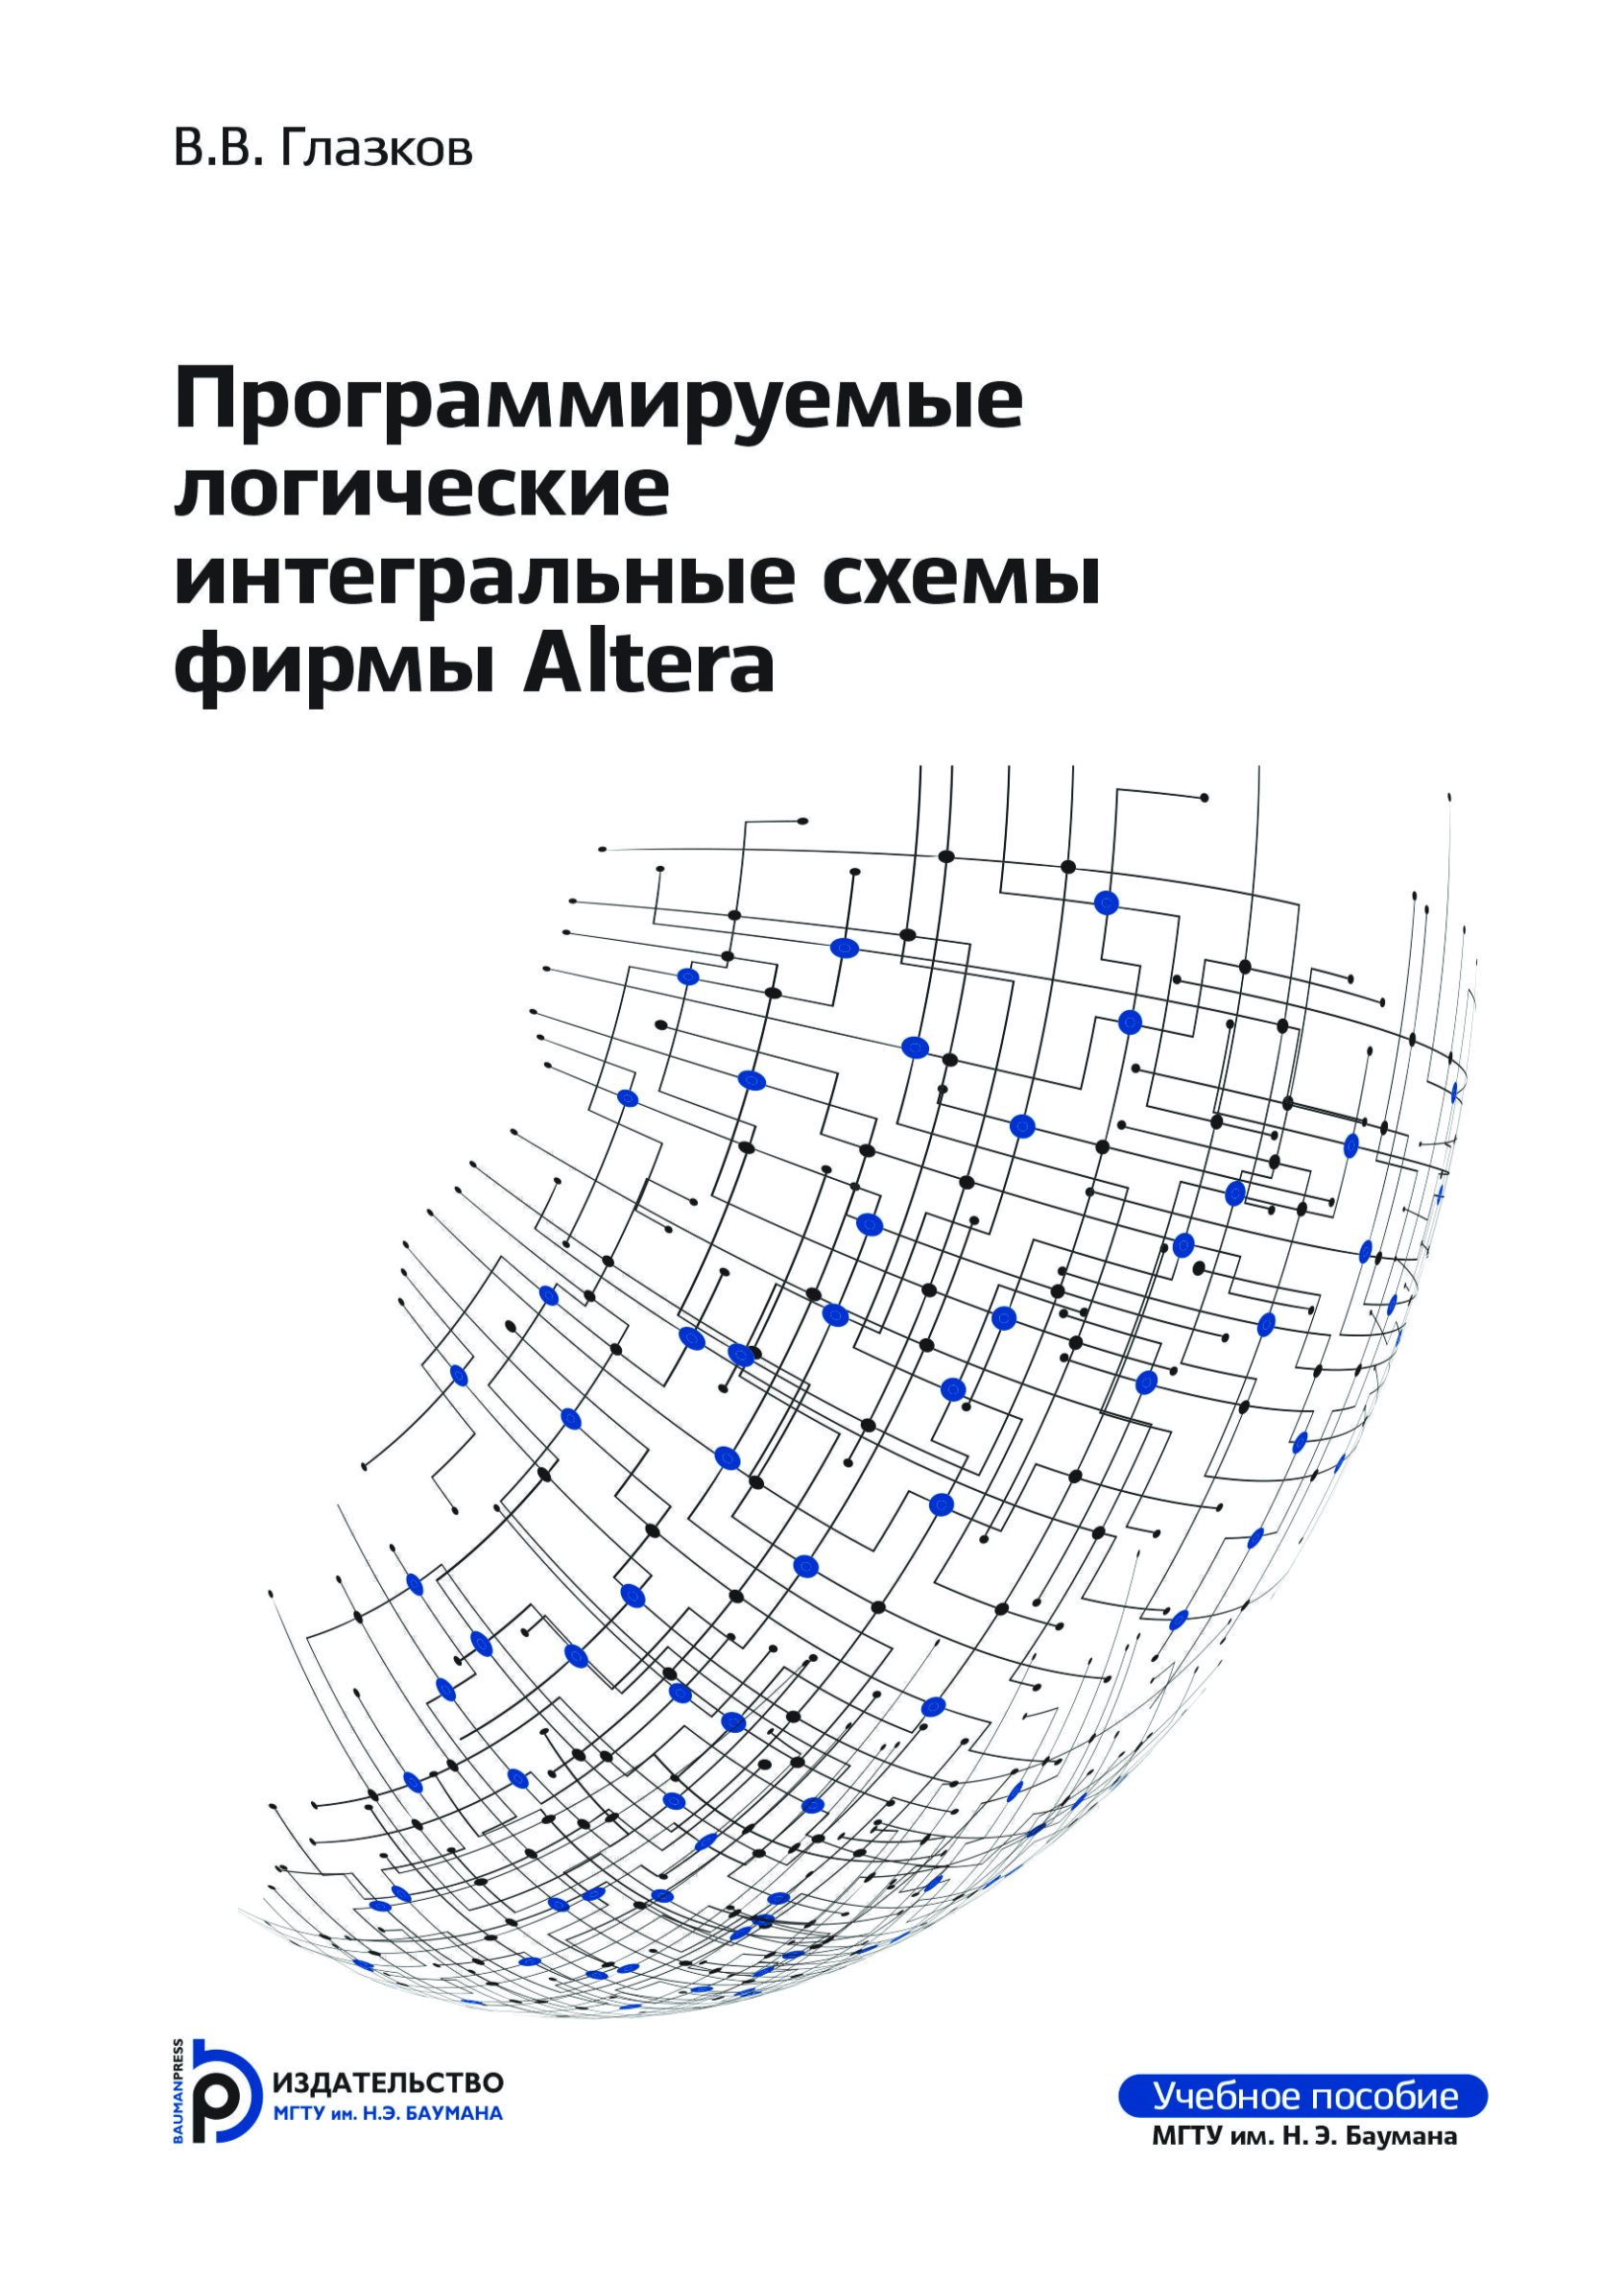 Виталий Глазков Программируемые логические интегральные схемы фирмы Altera куликов и функциональная устойчивость сверхбольших интегральных схем критерий качества и надежности